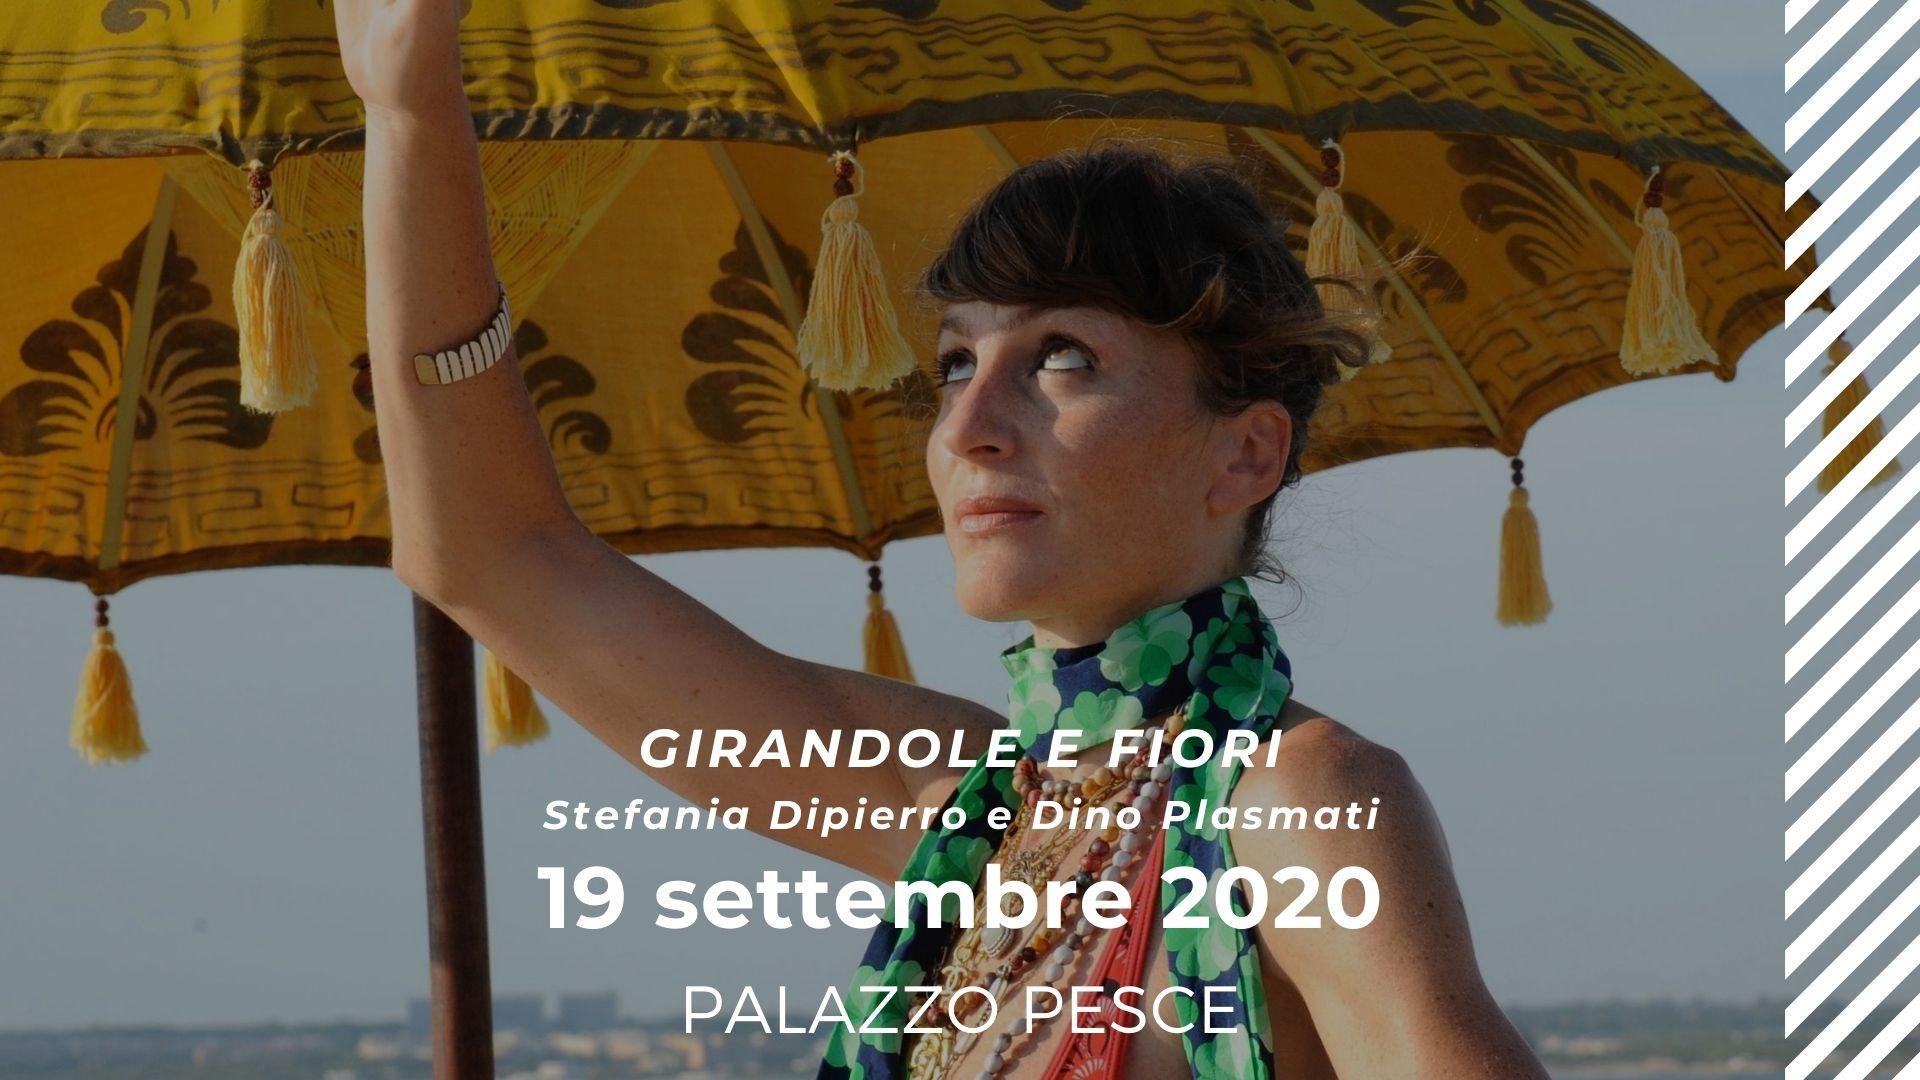 19 settembre 2020 Girandole e fiori con Stefania Dipierro e Dino Plasmati a Palazzo Pesce